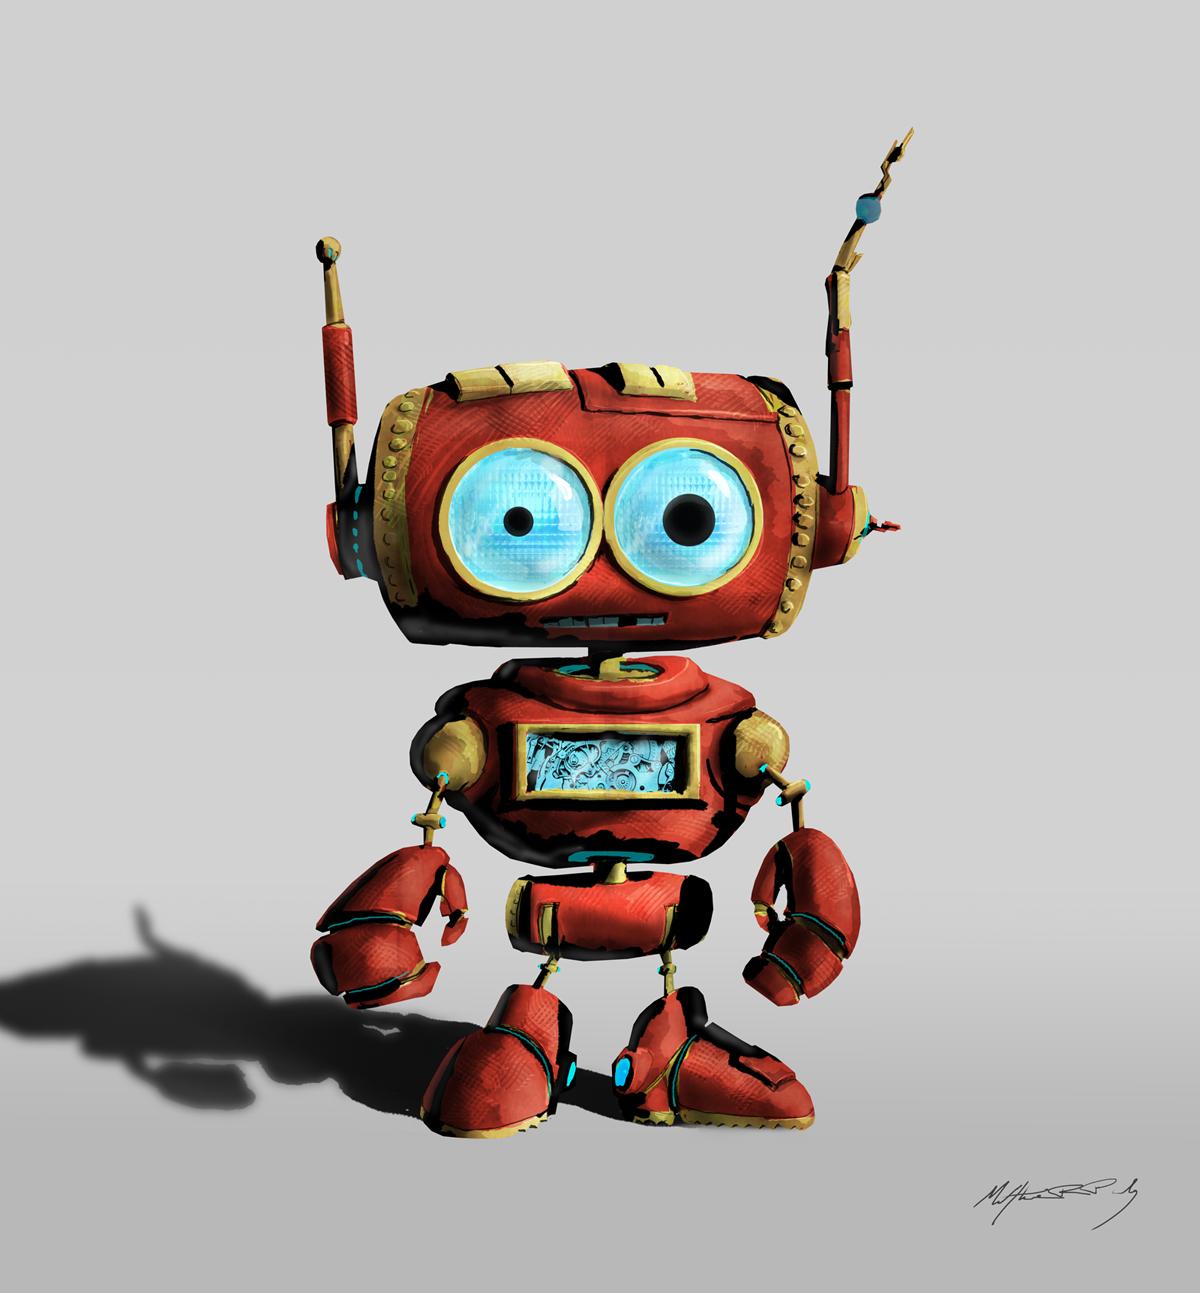 Little Robot - Matthew R. Pauly